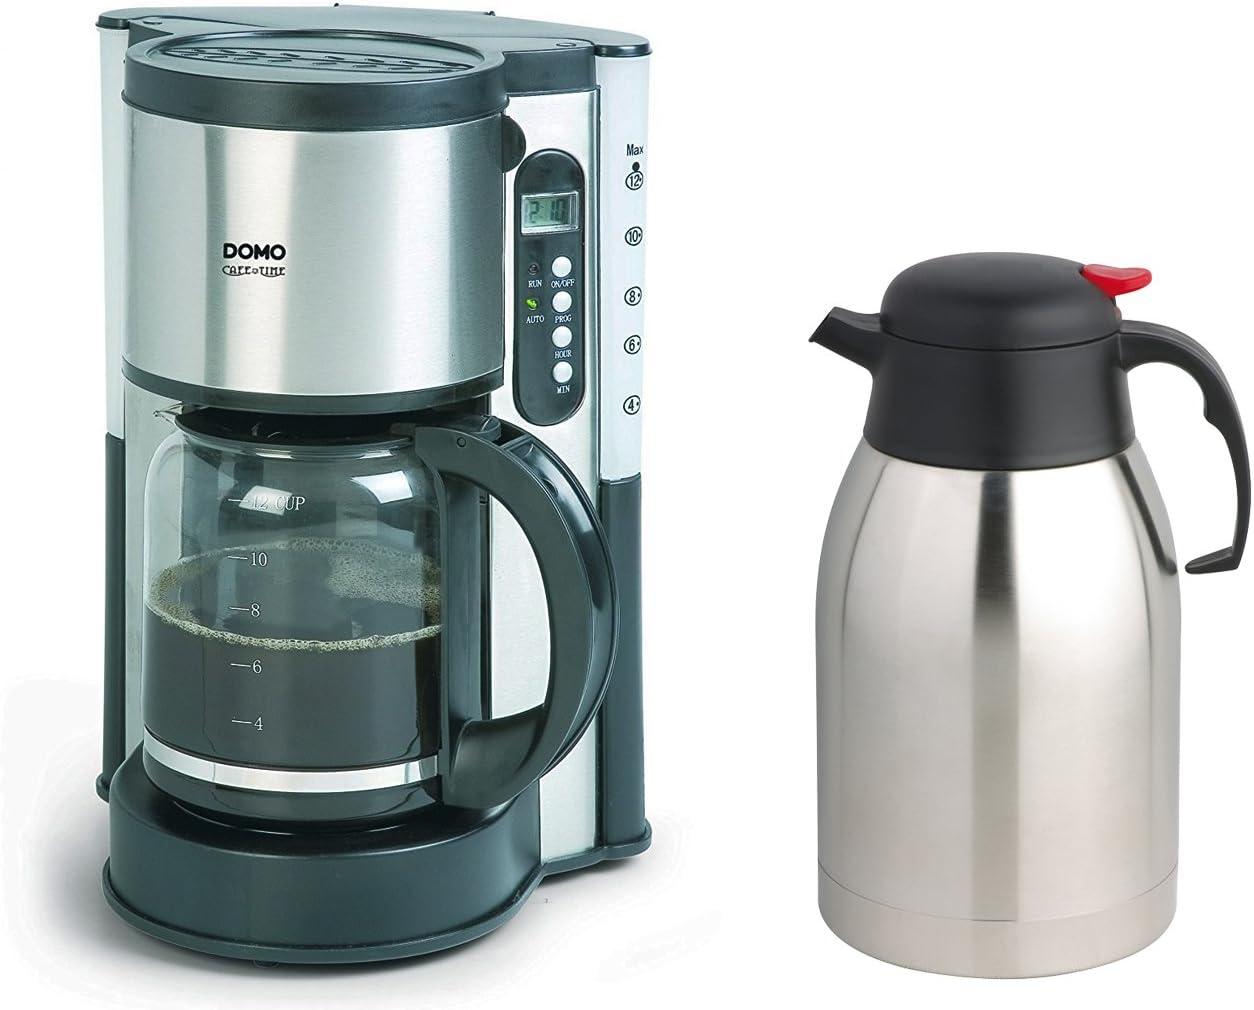 Acero inoxidable Cafetera con Temporizador y adicionales de termo cada uno para 12 tazas café de filtro, depósito de agua desmontable y placa calentadora: Amazon.es: Hogar